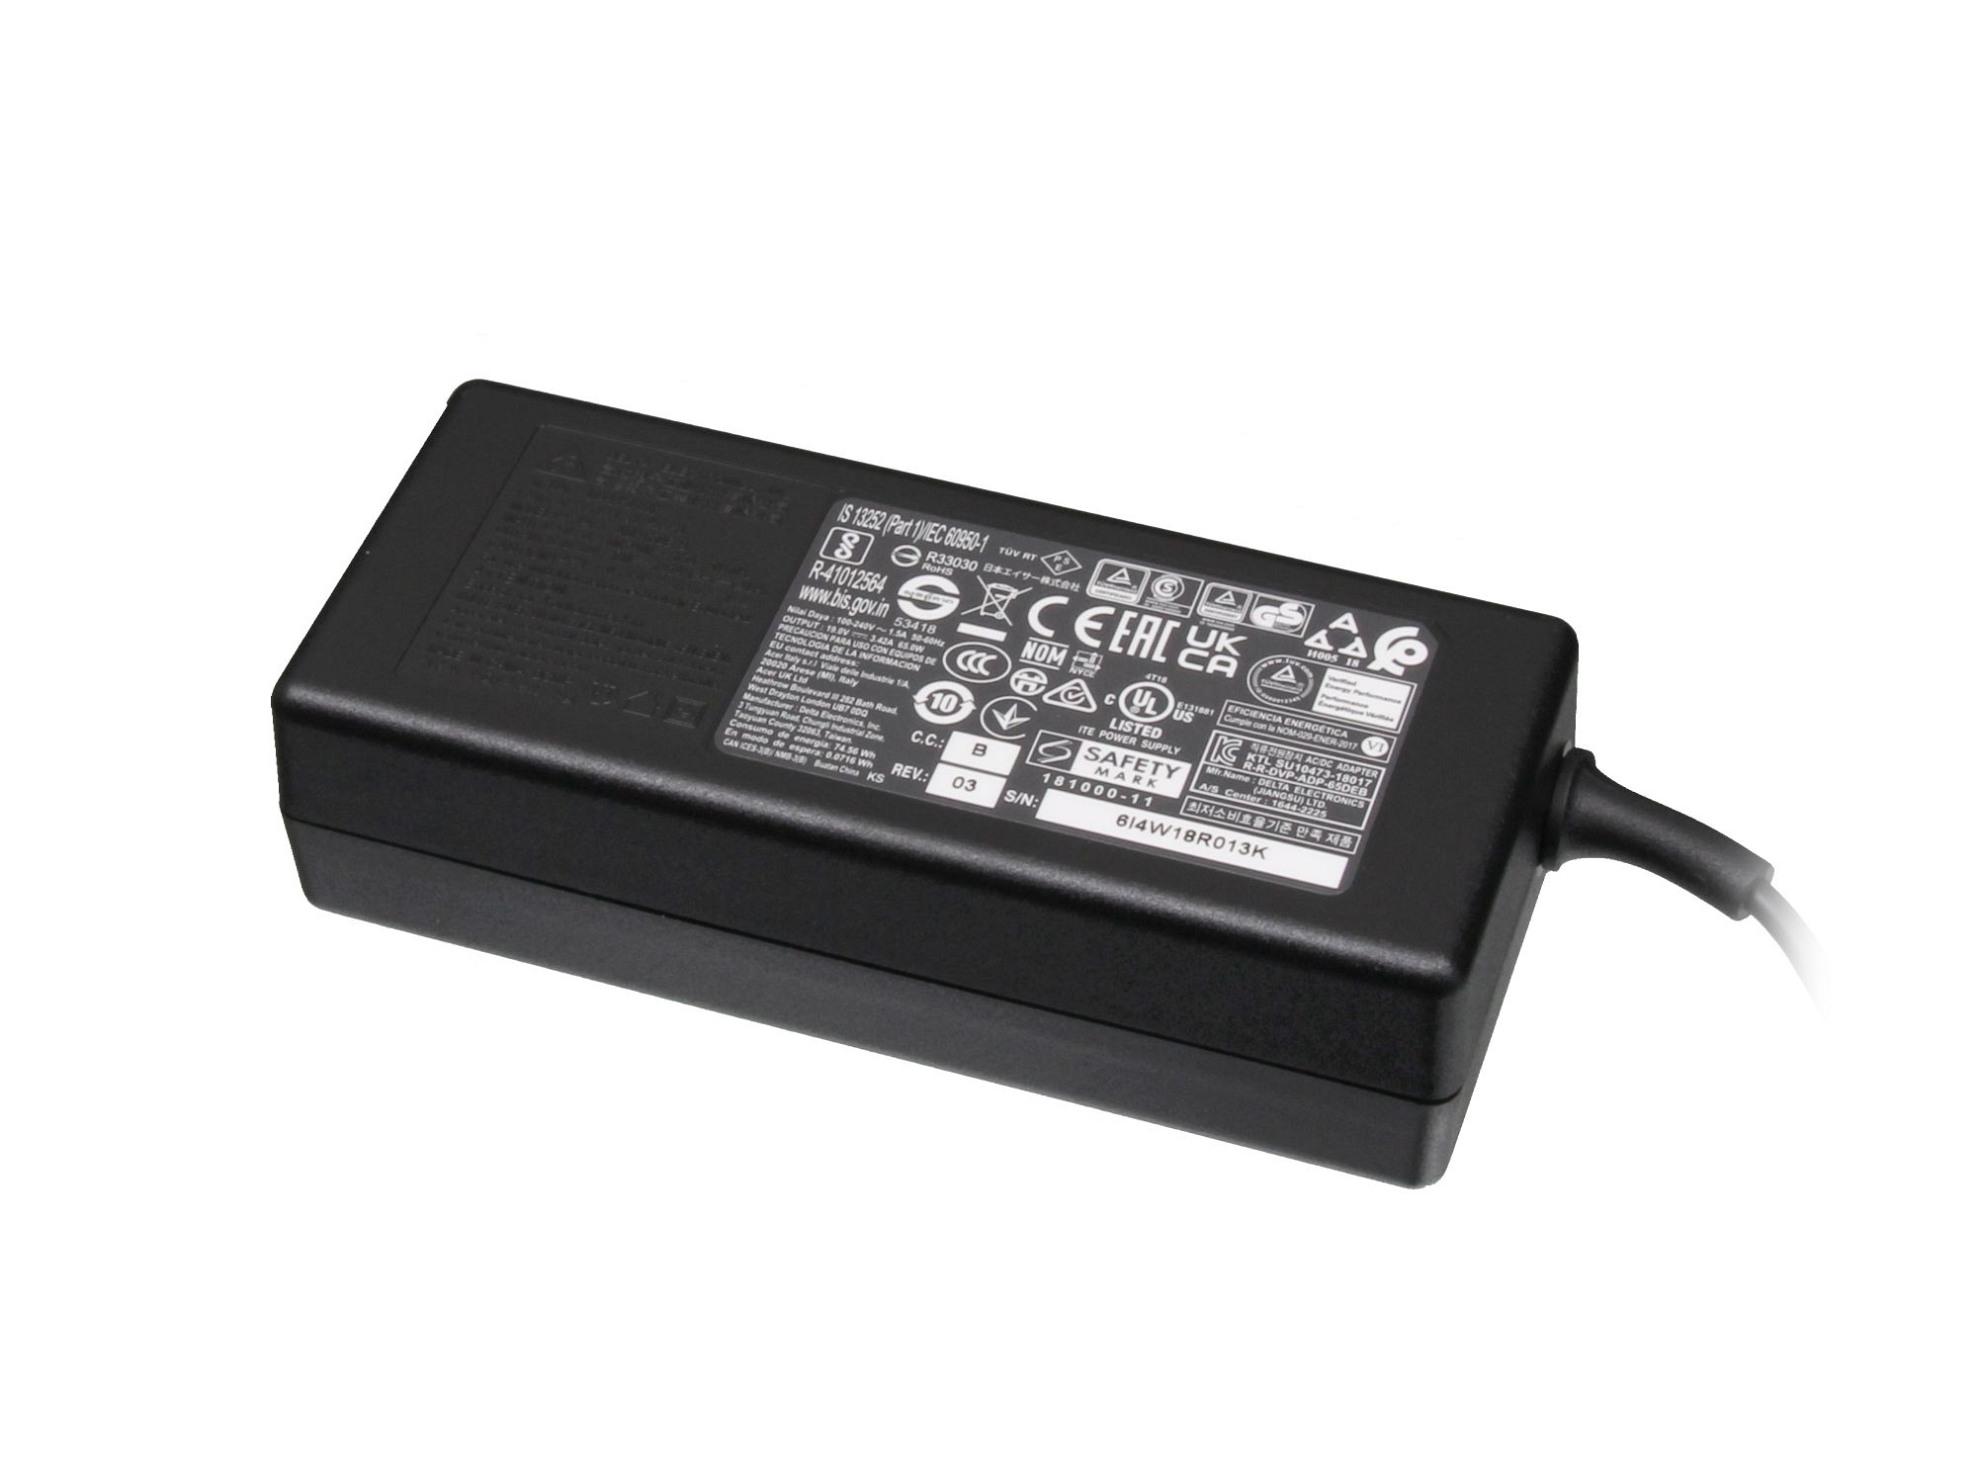 Netzteil Acer Aspire 7250-E302G50Mikk